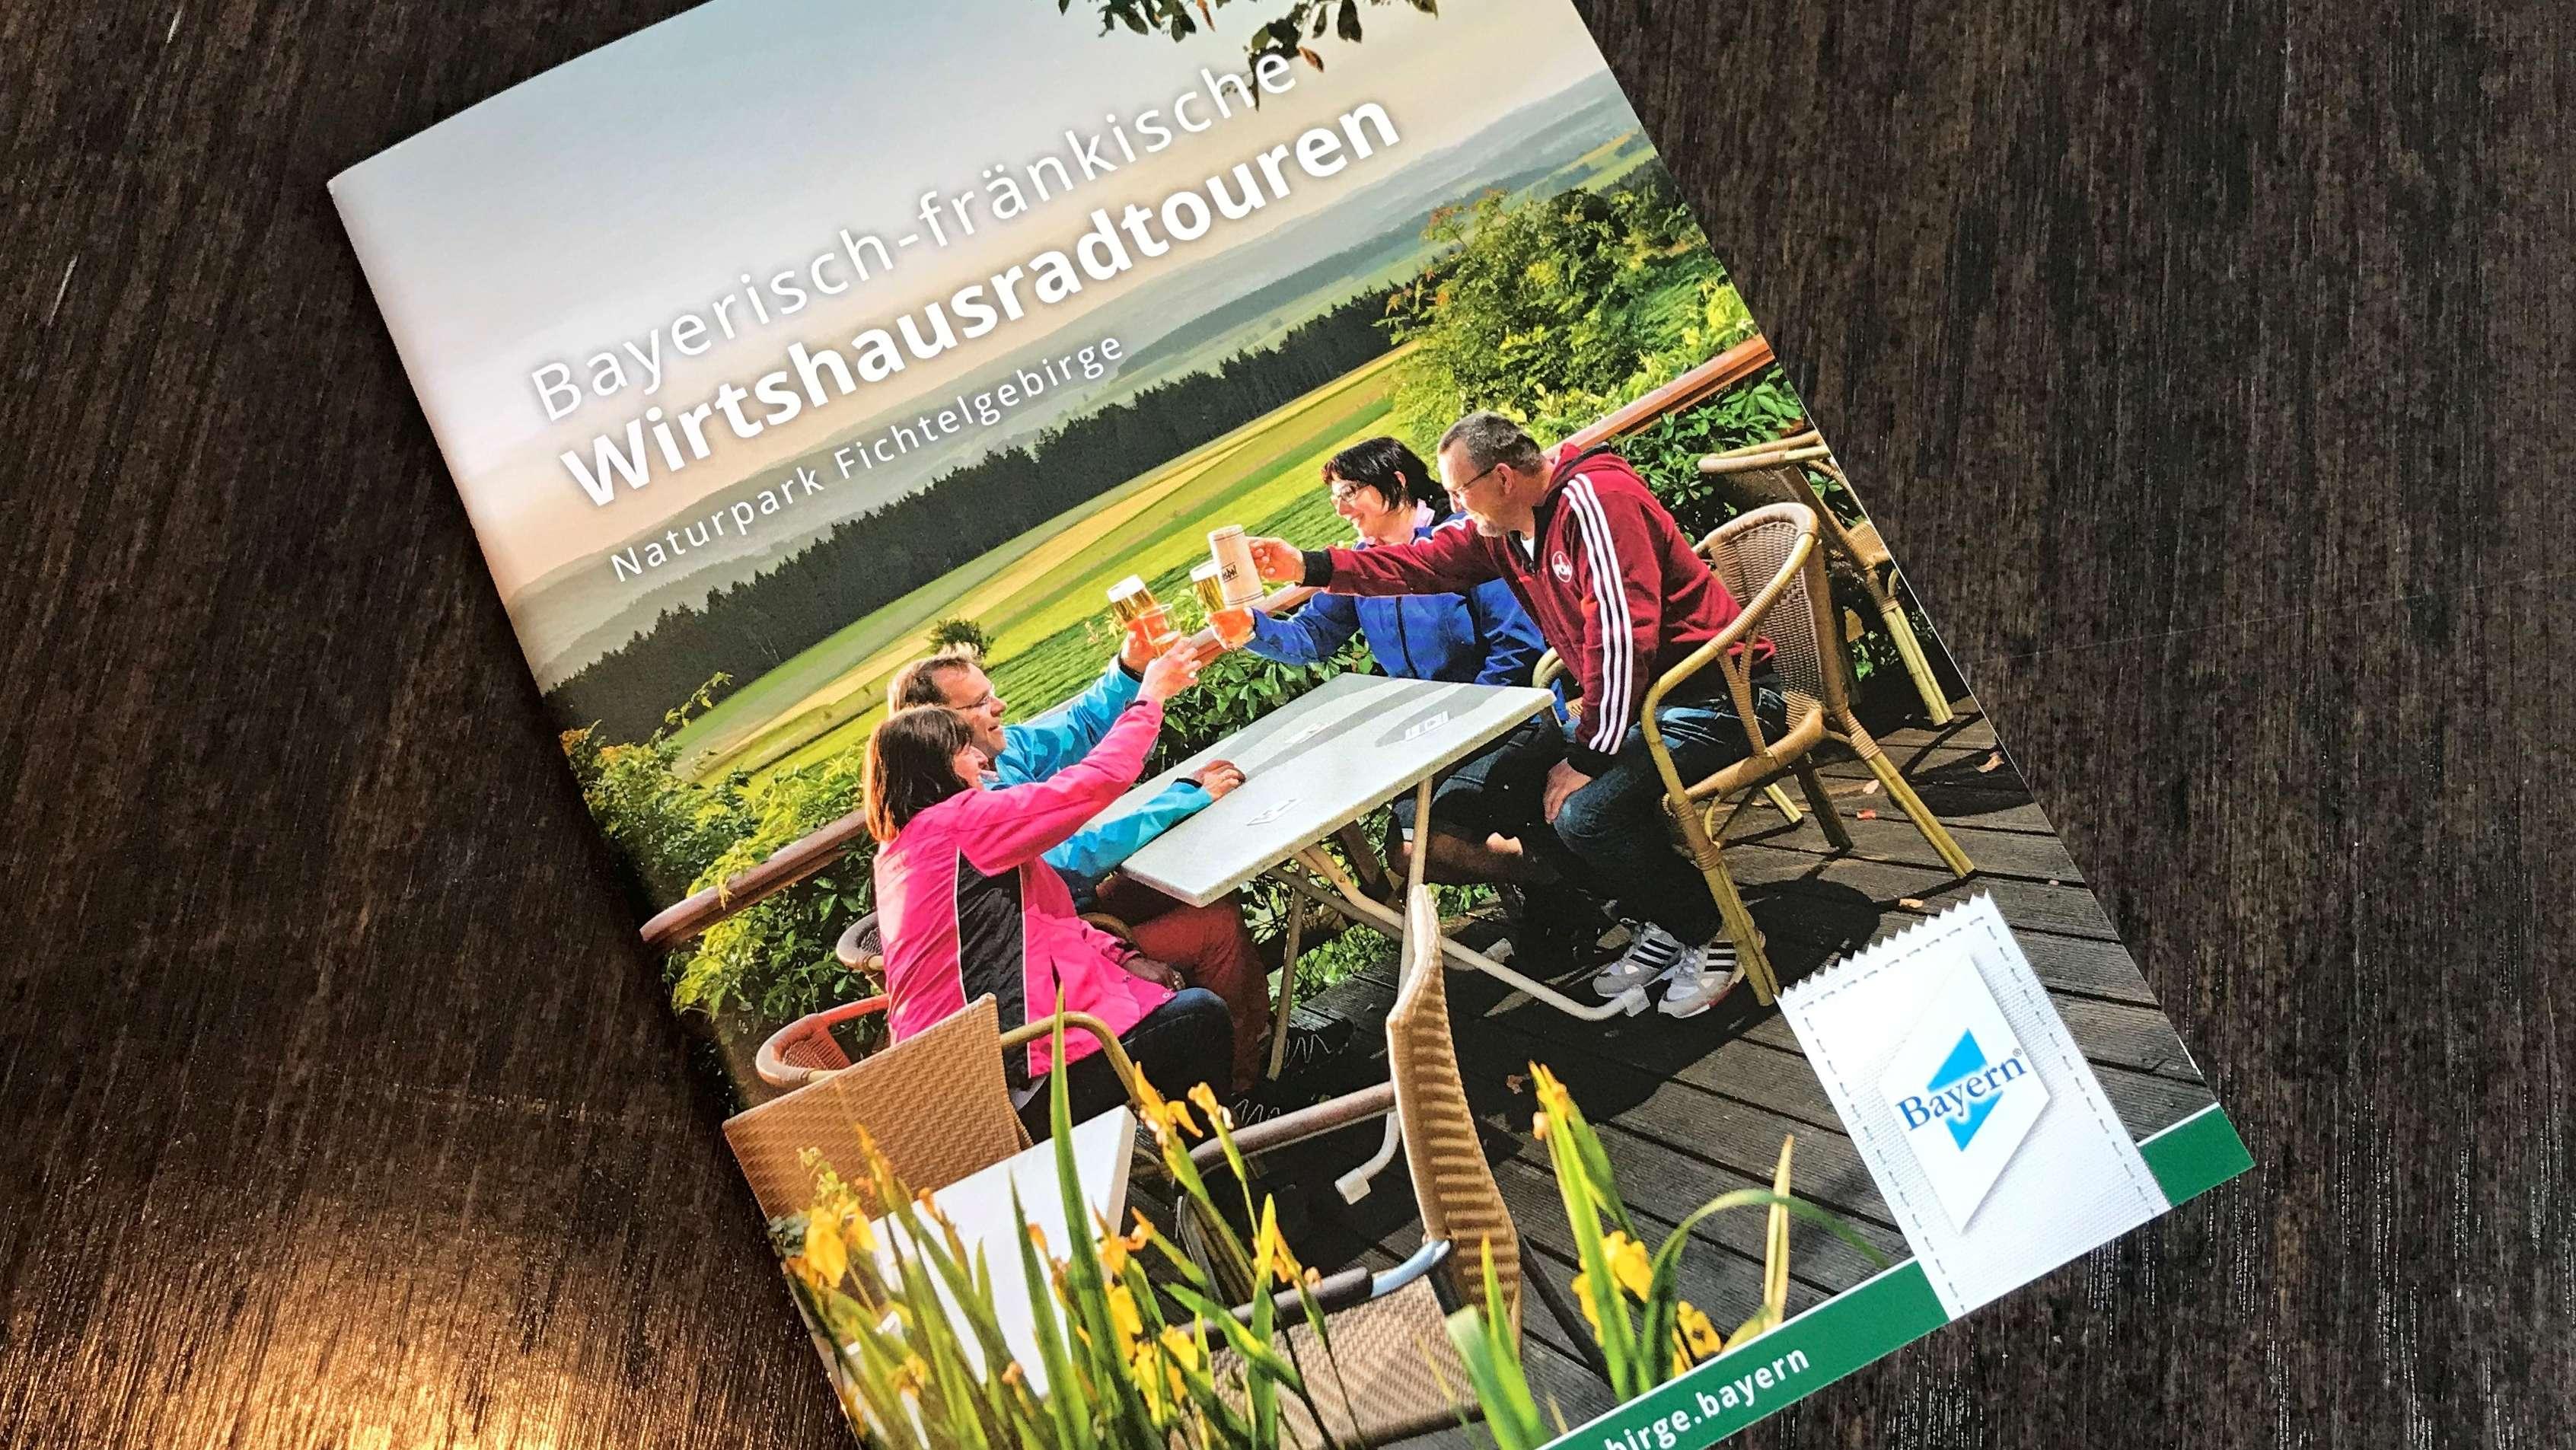 Broschüre mit den acht neuen Wirtshaus Radtouren im Fichtelgebirge